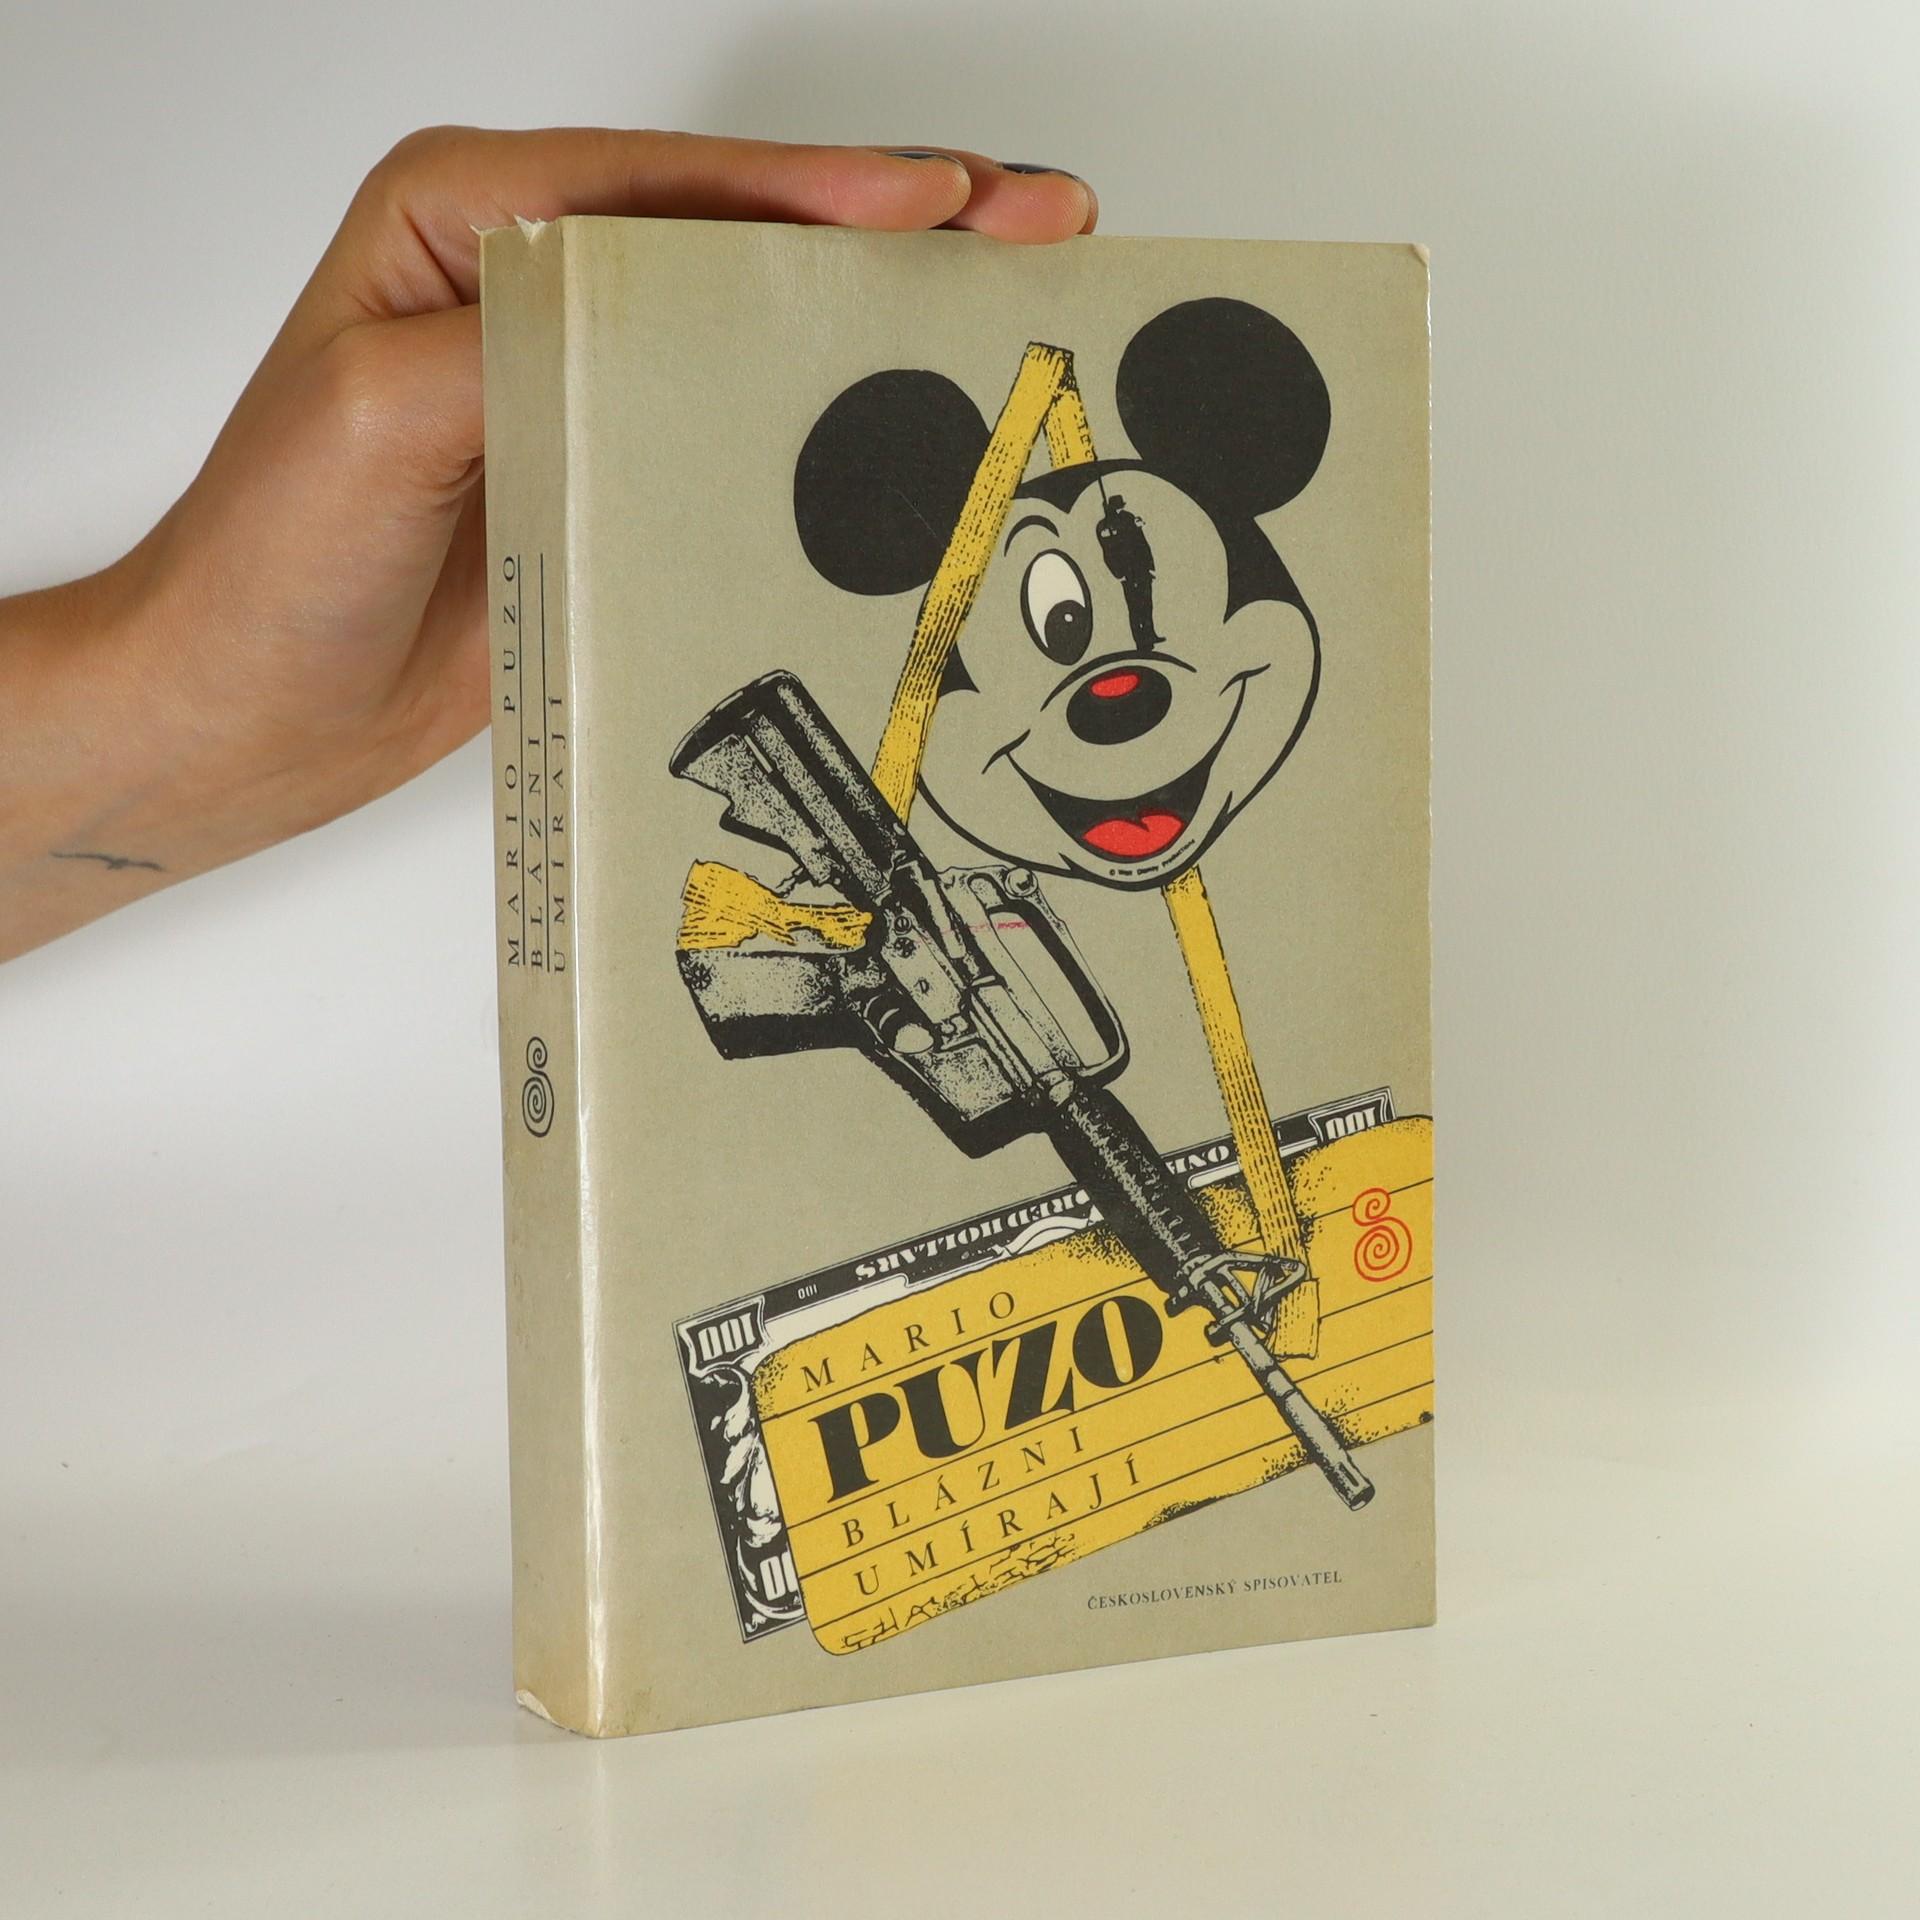 antikvární kniha Blázni umírají, 1989